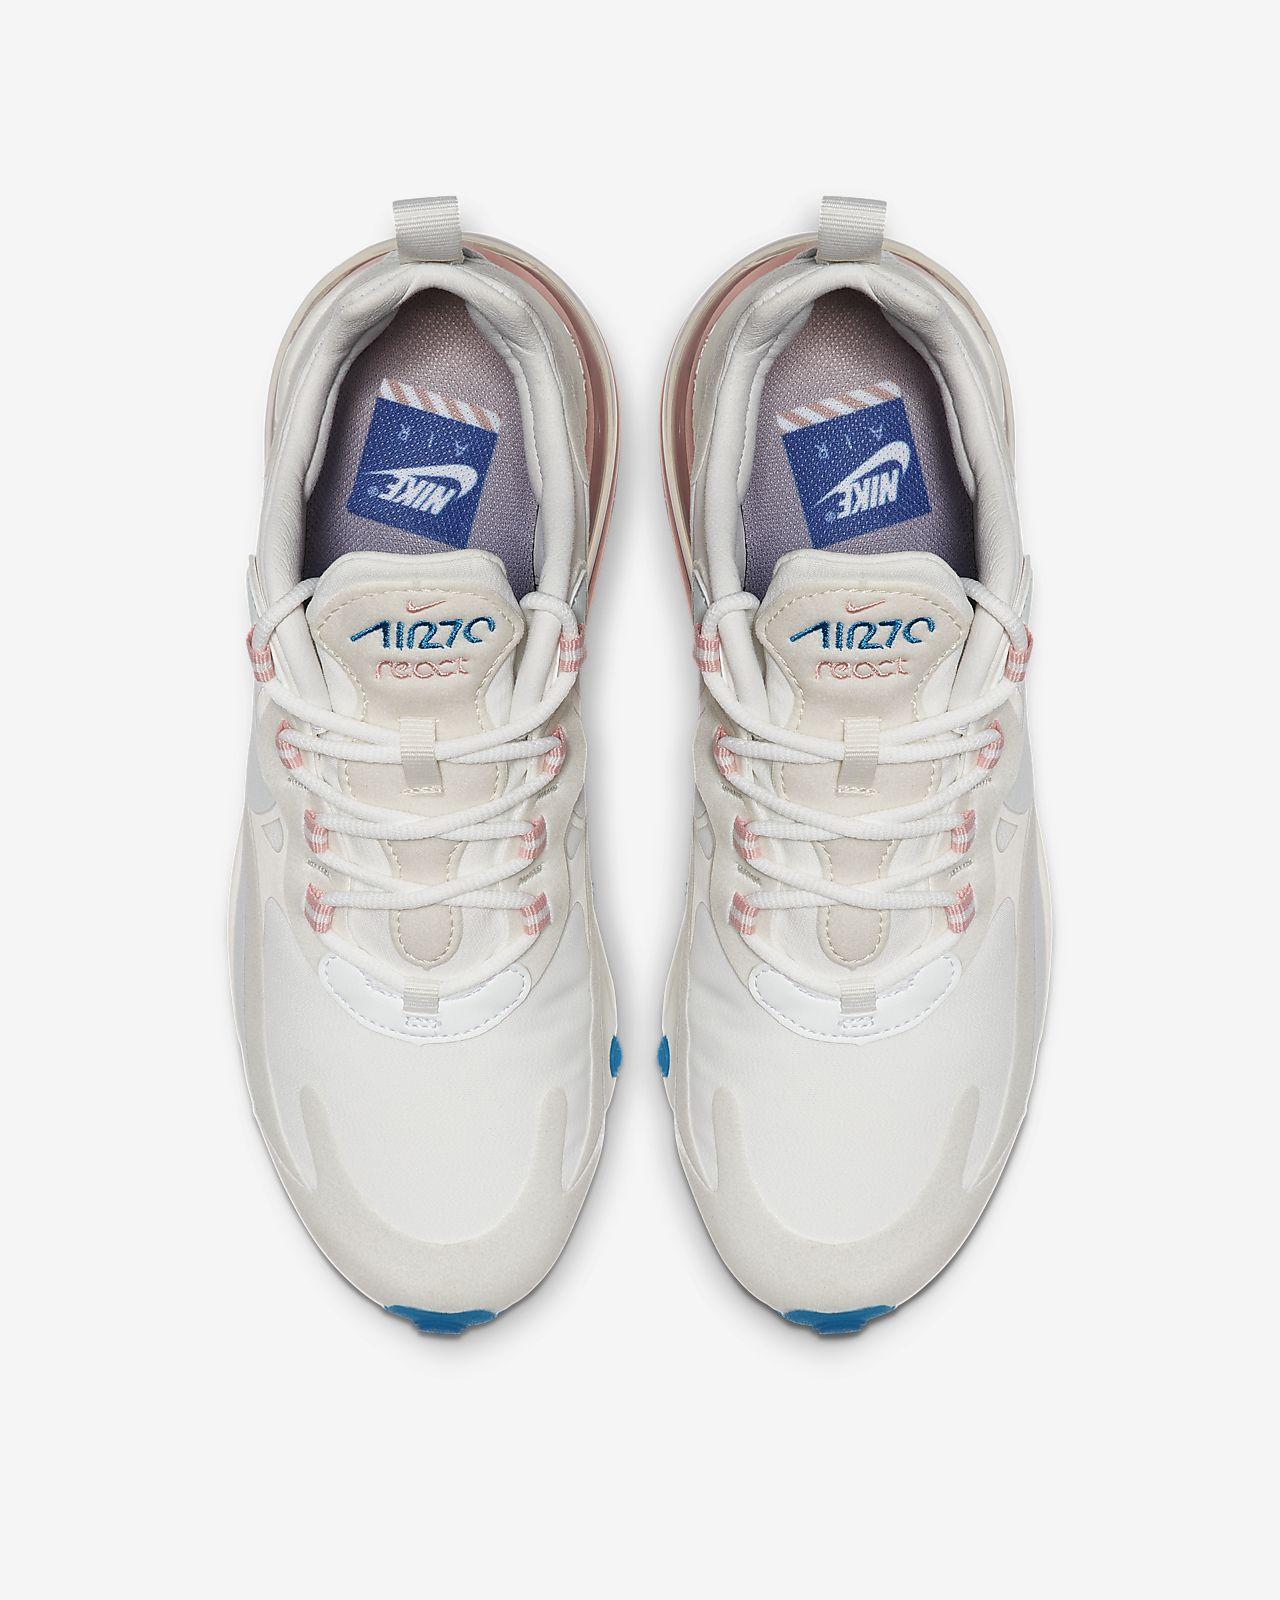 Chaussure Nike Air Max 270 React (American Modern) pour Femme